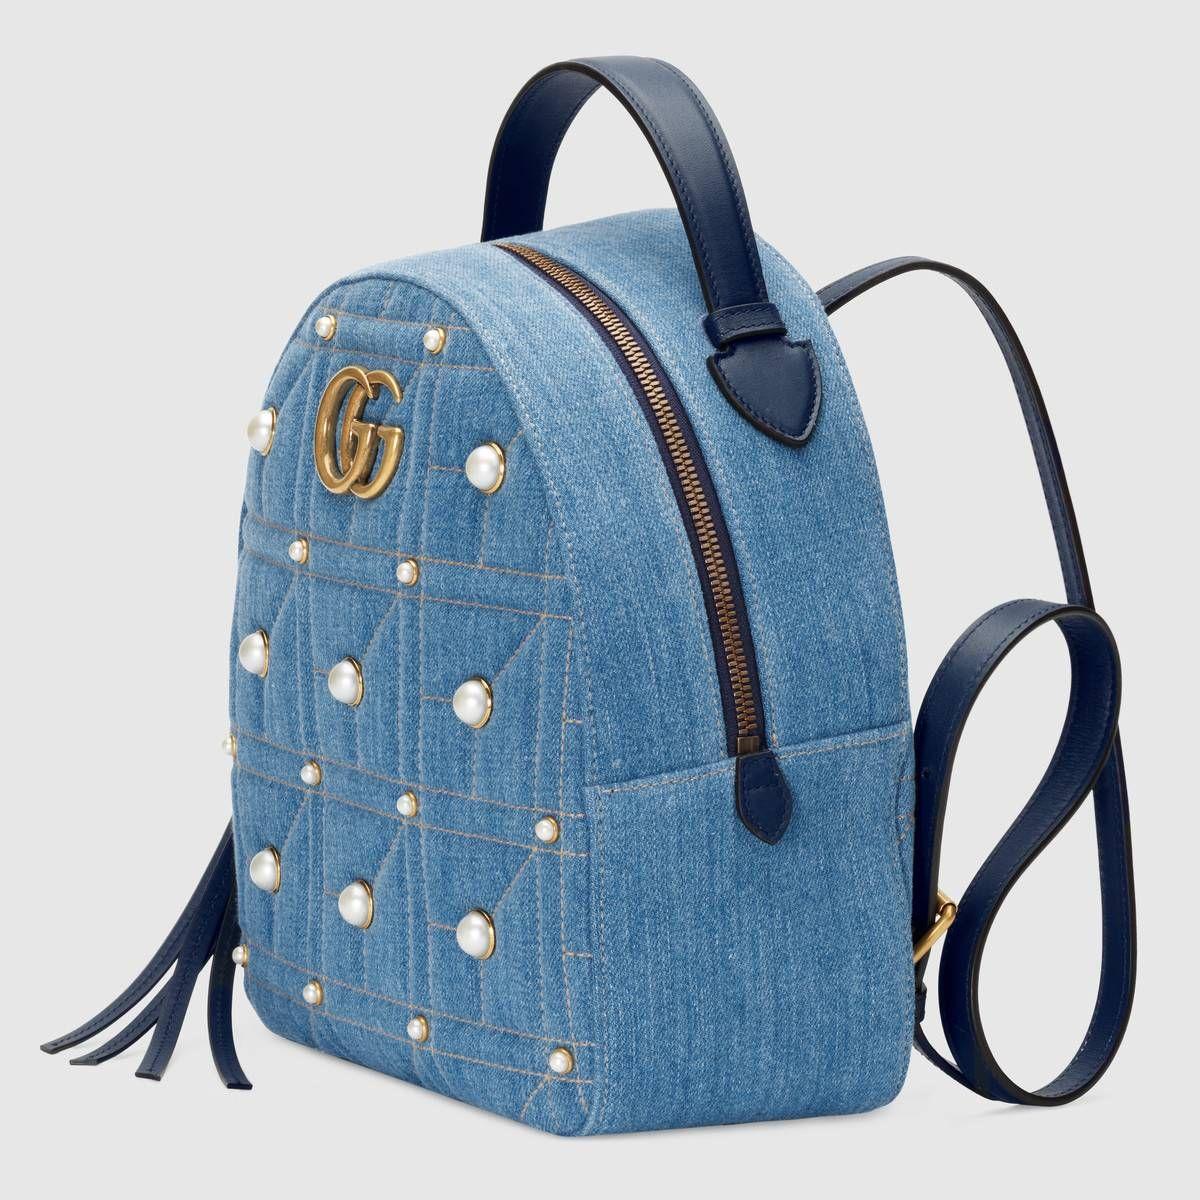 1be2a41ca Gucci Mochila GG Marmont de Denim Matelassé Detail 2 | mochilas ...